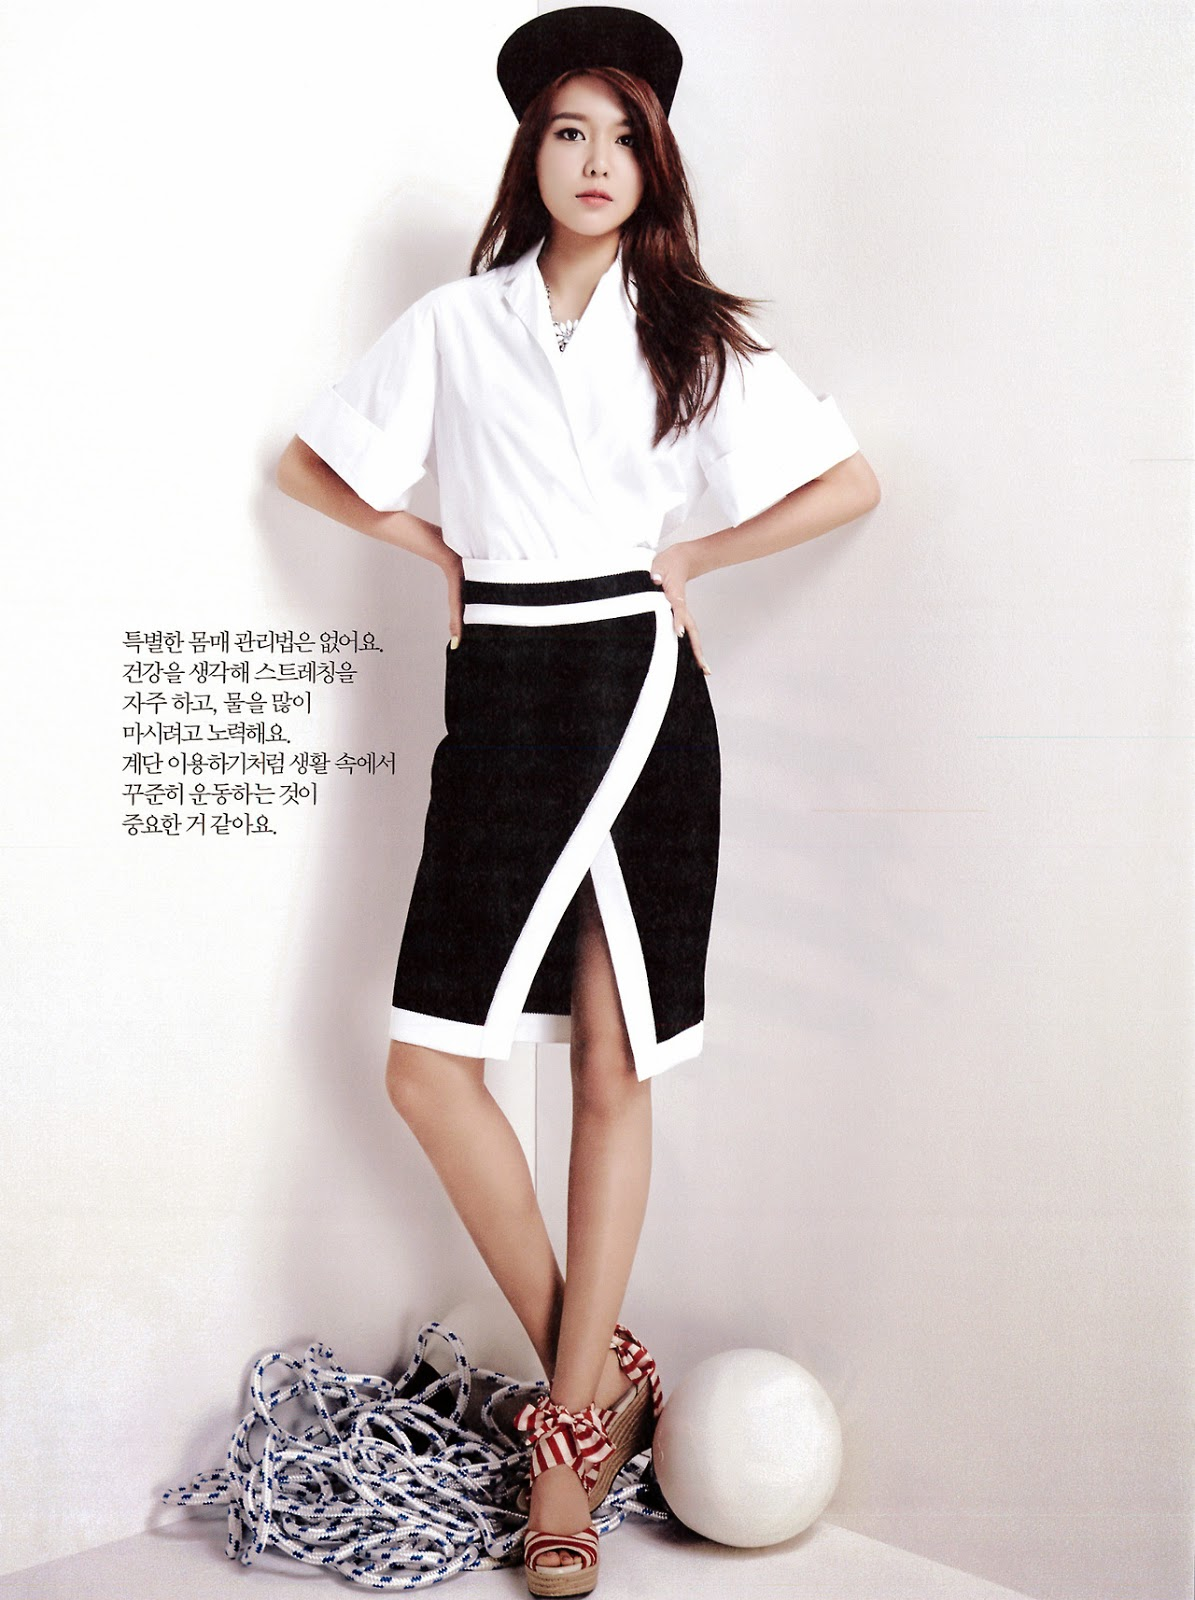 Foto Payudara Seksi Seohyun SNSD di Majalah Cosmopolitan